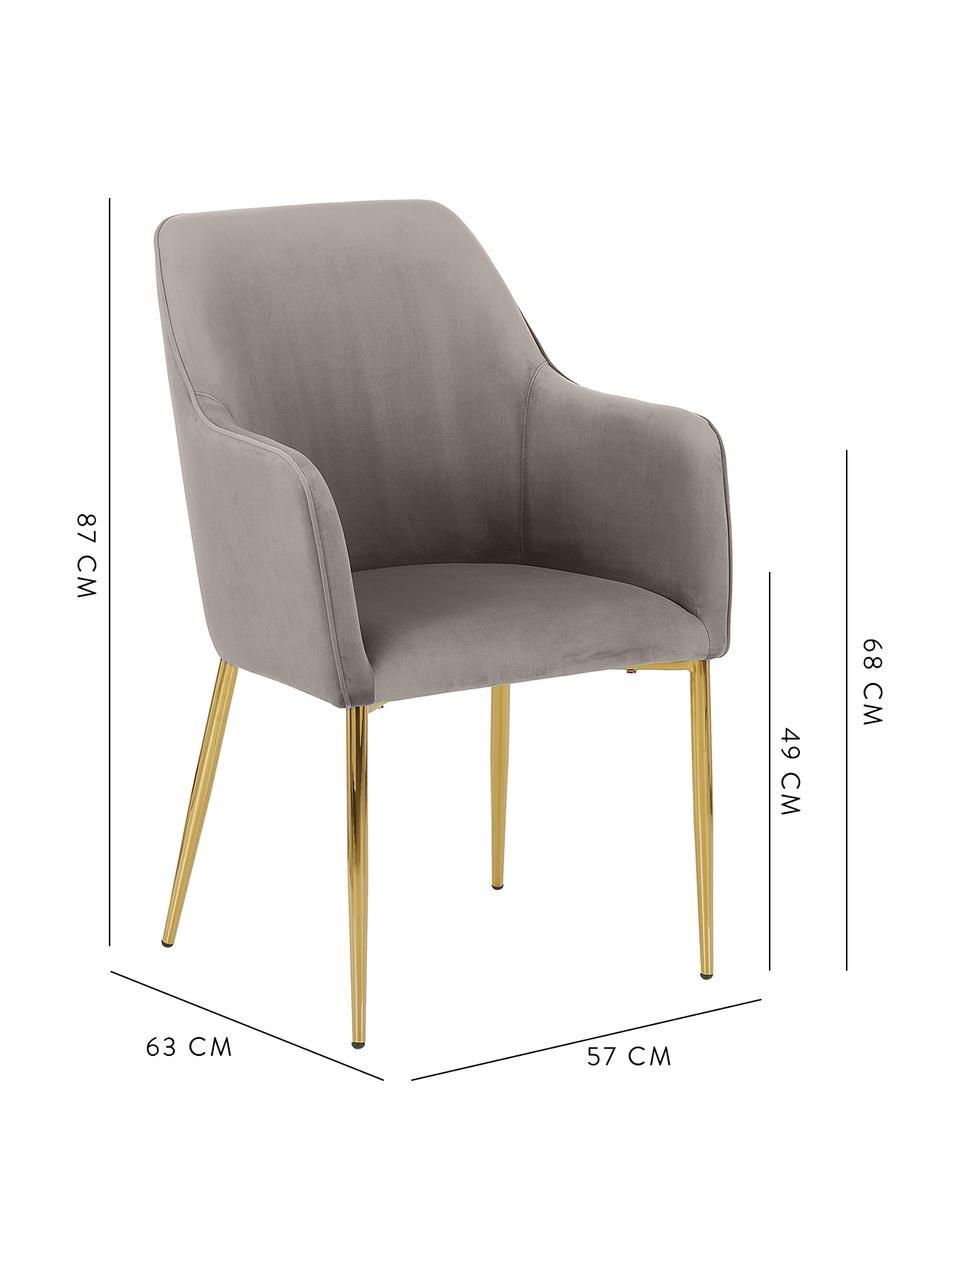 Chaise en velours taupe pieds dorés Ava, Taupe